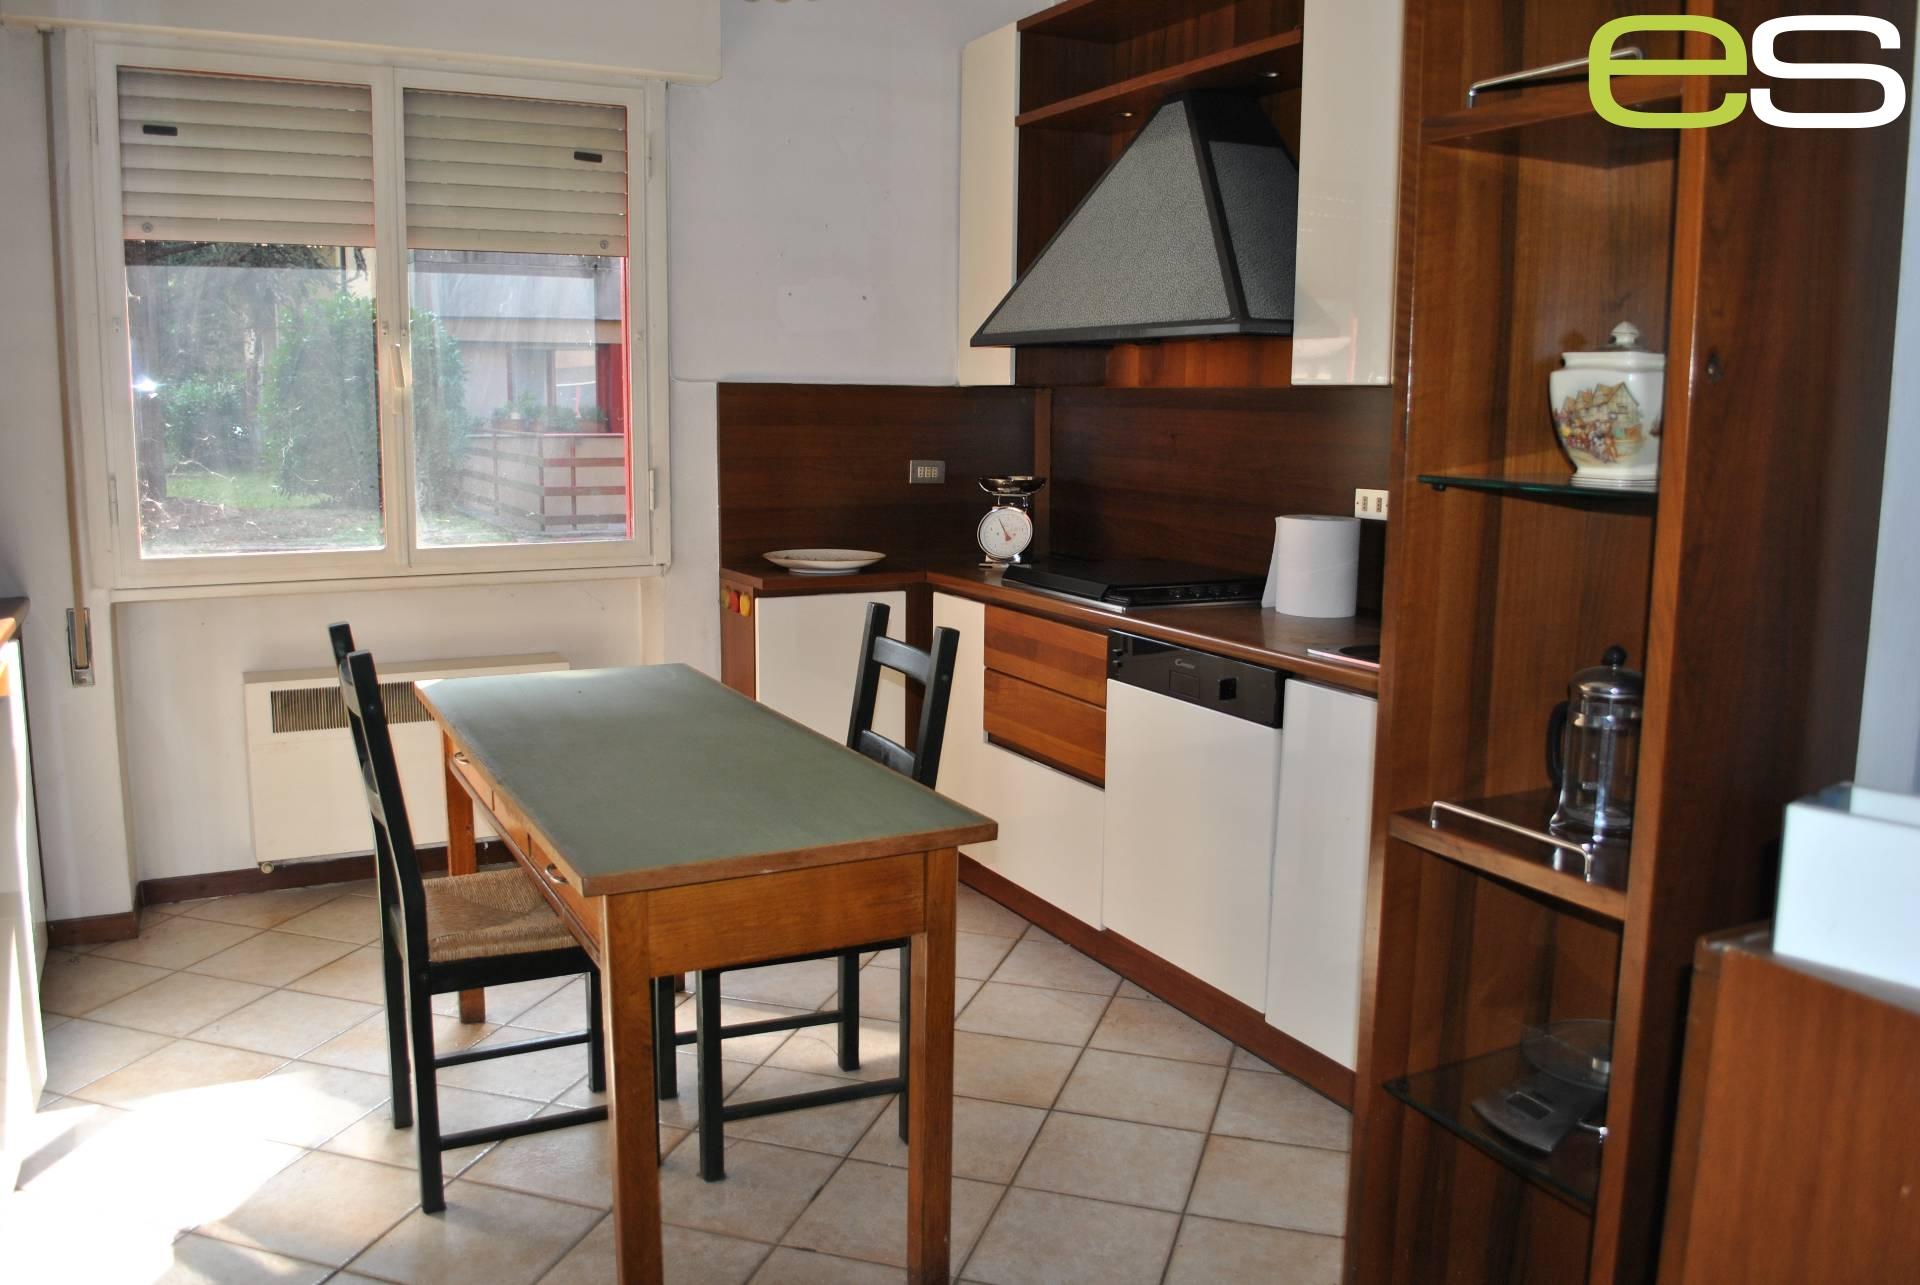 Appartamento in vendita a Briosco, 4 locali, prezzo € 100.000 | PortaleAgenzieImmobiliari.it